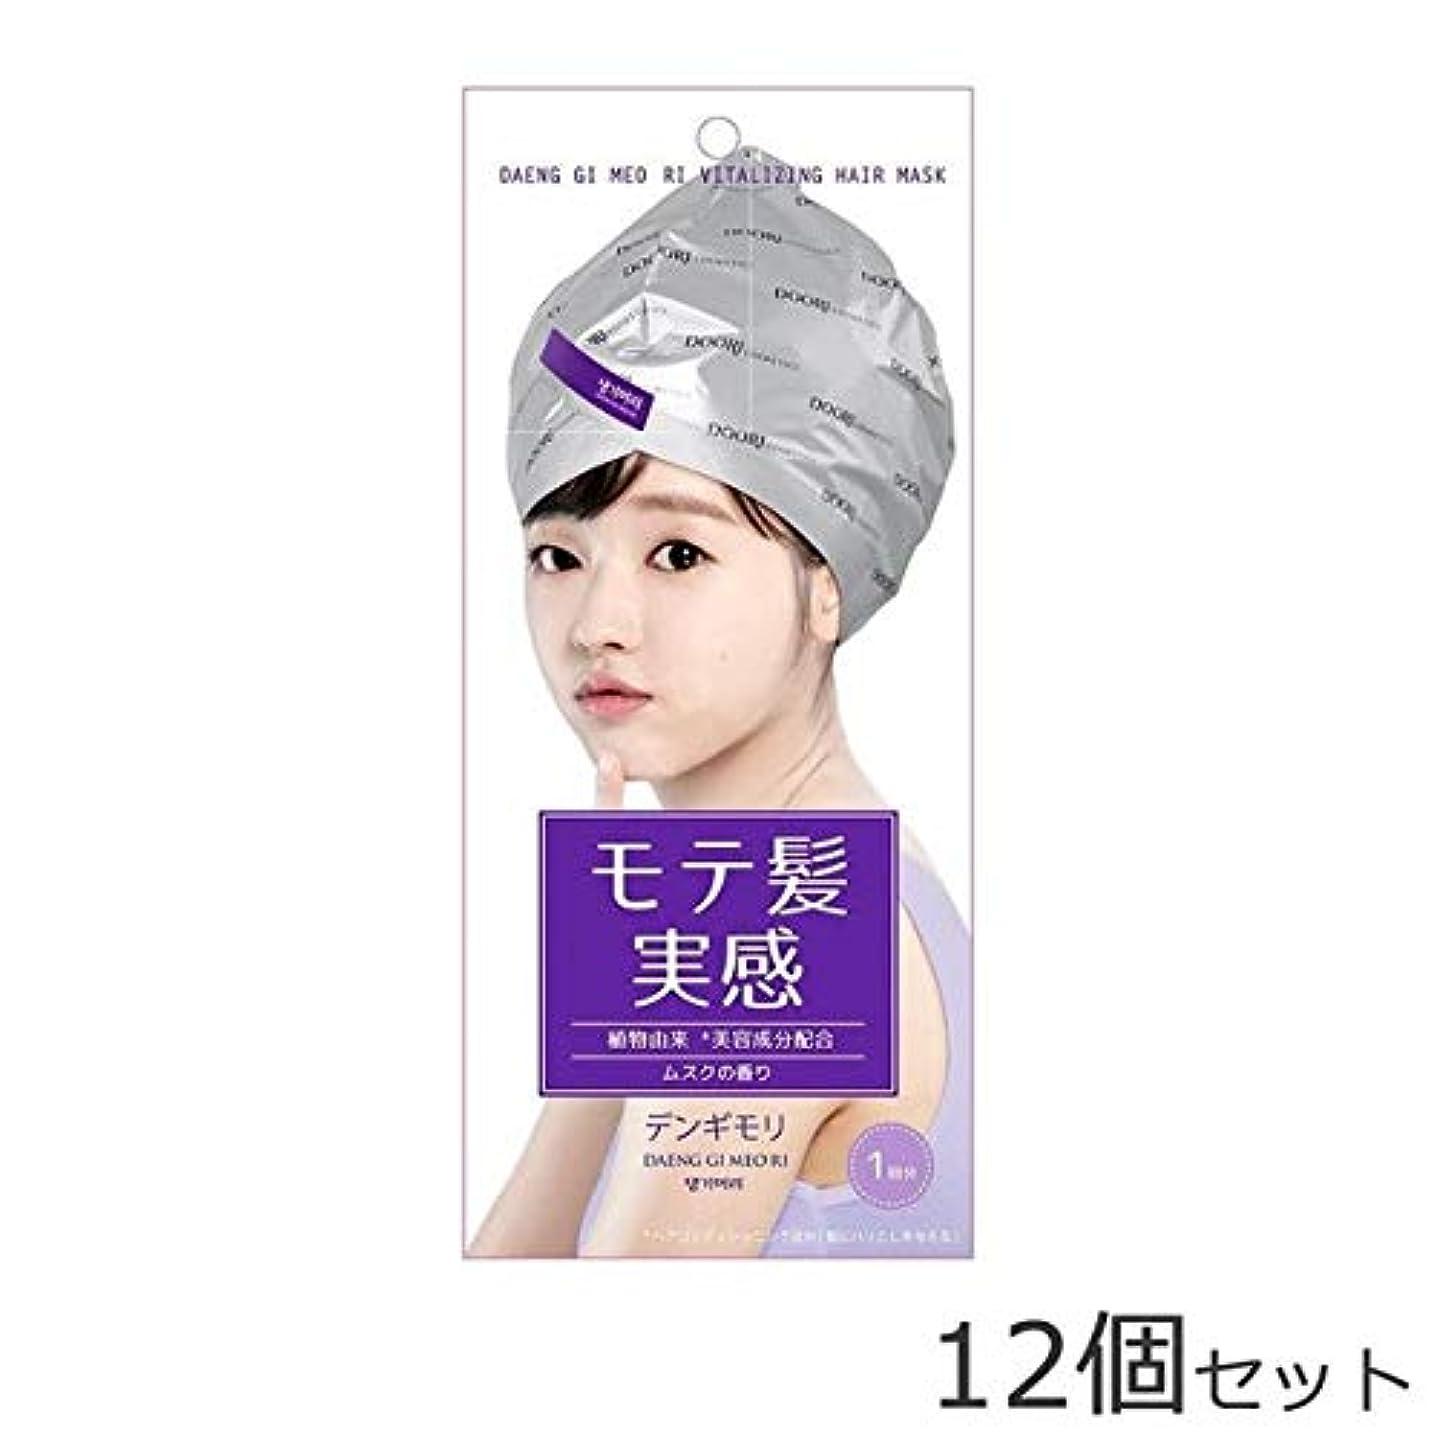 フラップ誓うスカリーデンギモリ 珍気 集中ヘアマスク(洗い流すヘアトリートメント) 12個セット (マスクで簡単にサロンケア)